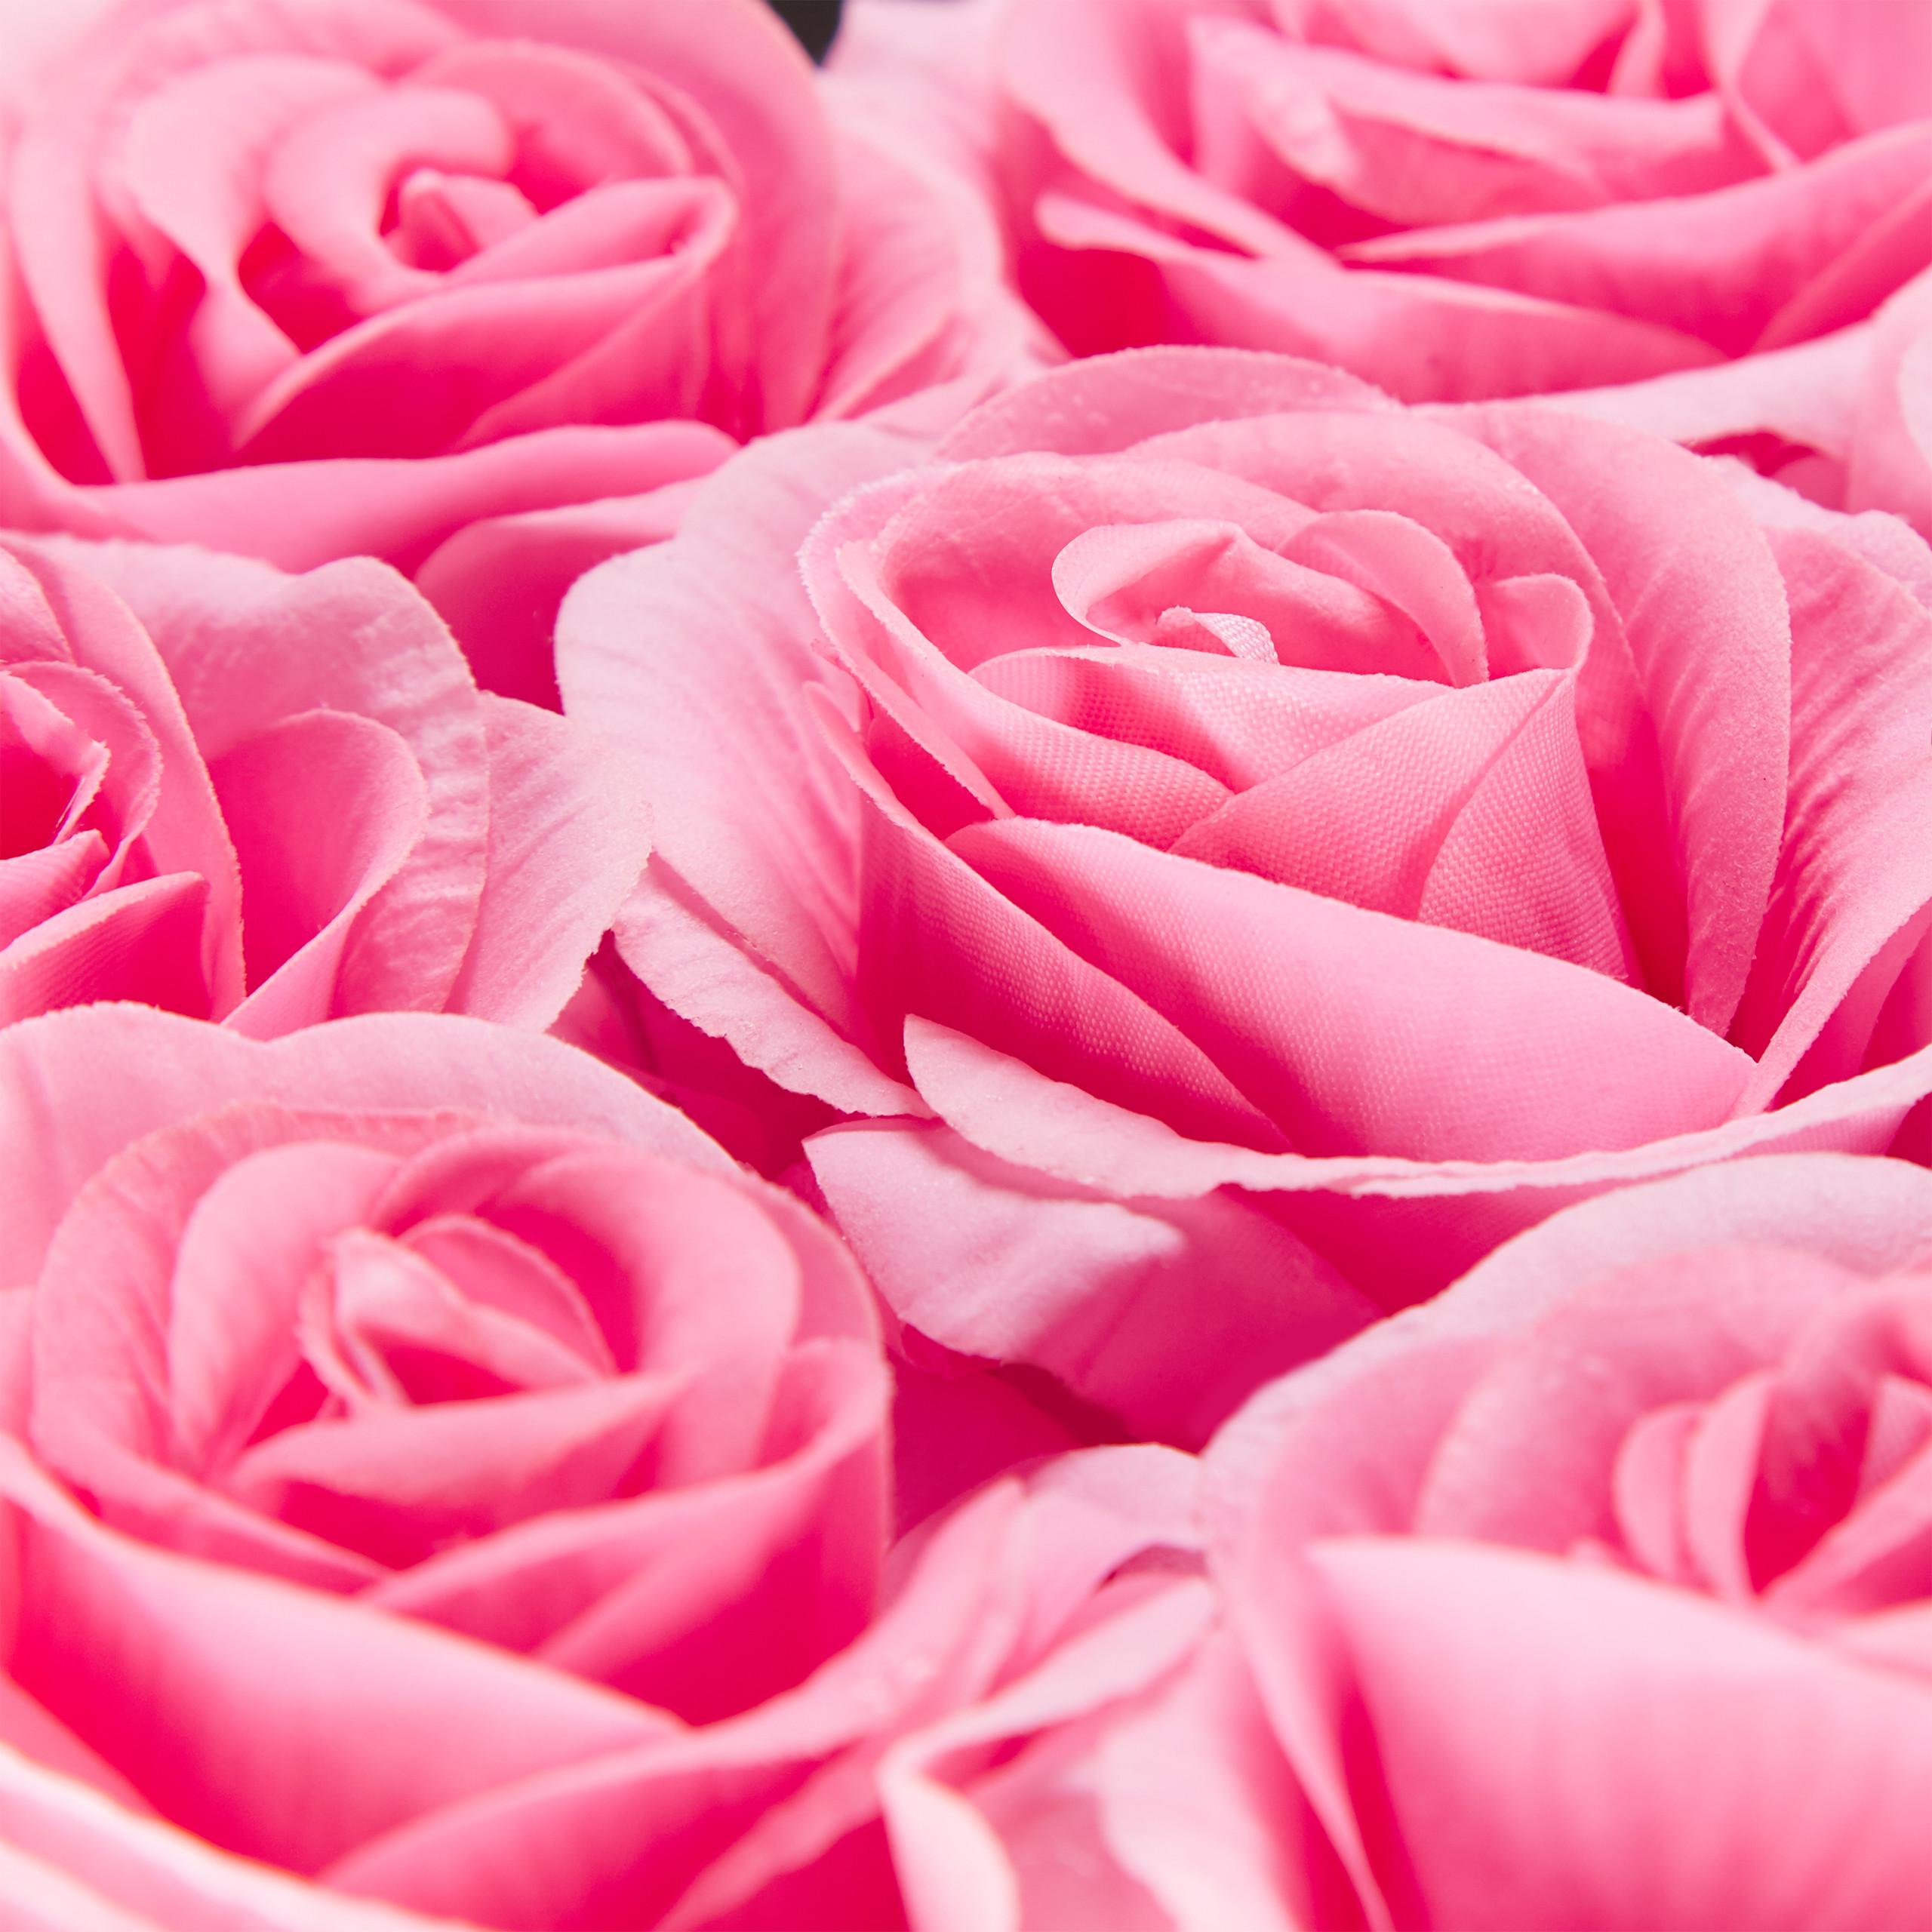 Rosenbox-Flowerbox-Ewige-Rosen-Blumenbox-49-Kunstblumen-eckig-Deko-Valentinstag Indexbild 8